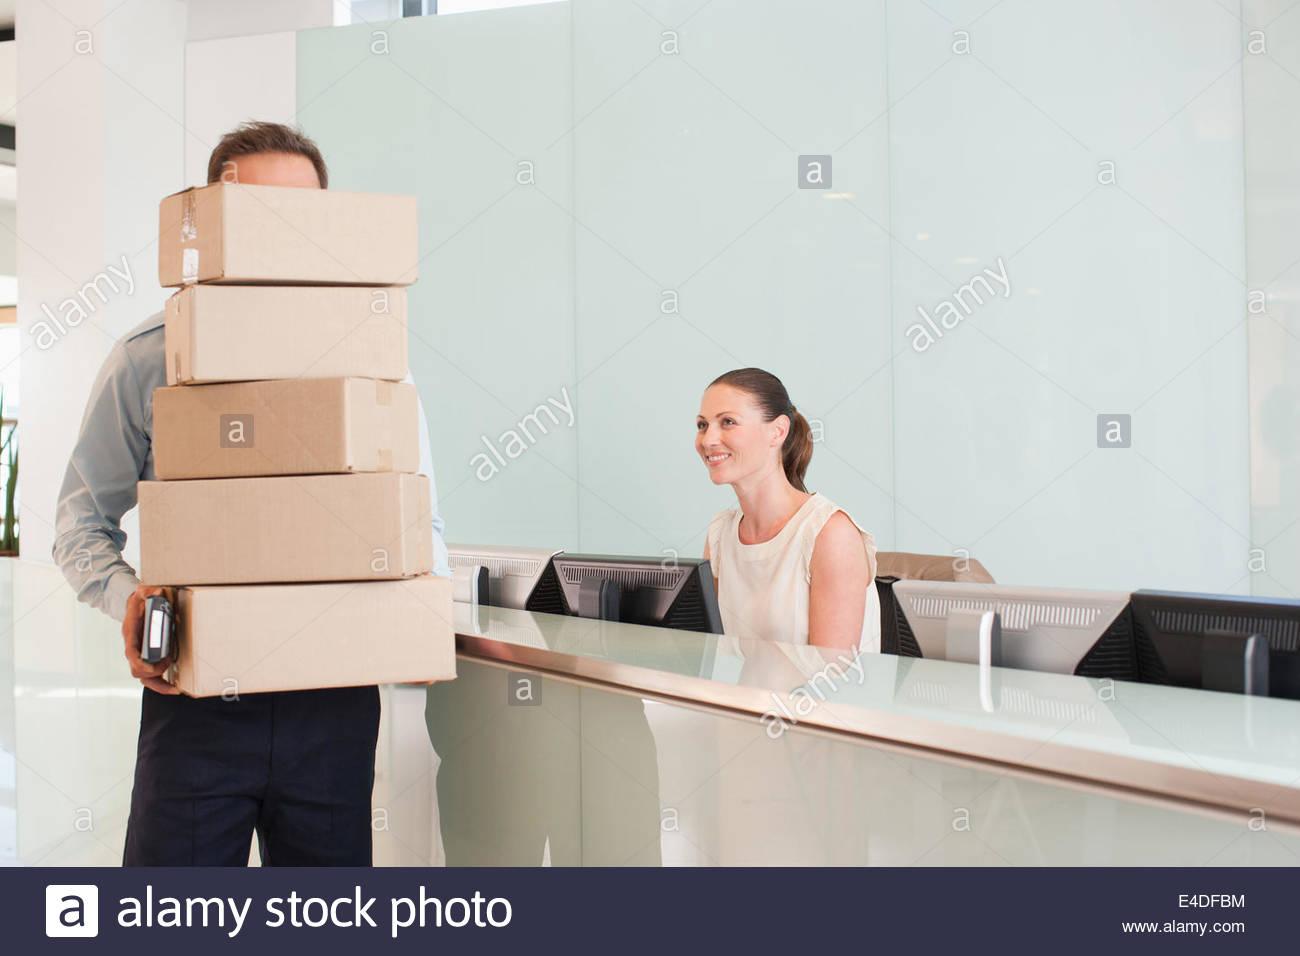 Entrega hombre sujetando la pila de cajas en el área de la recepción Imagen De Stock